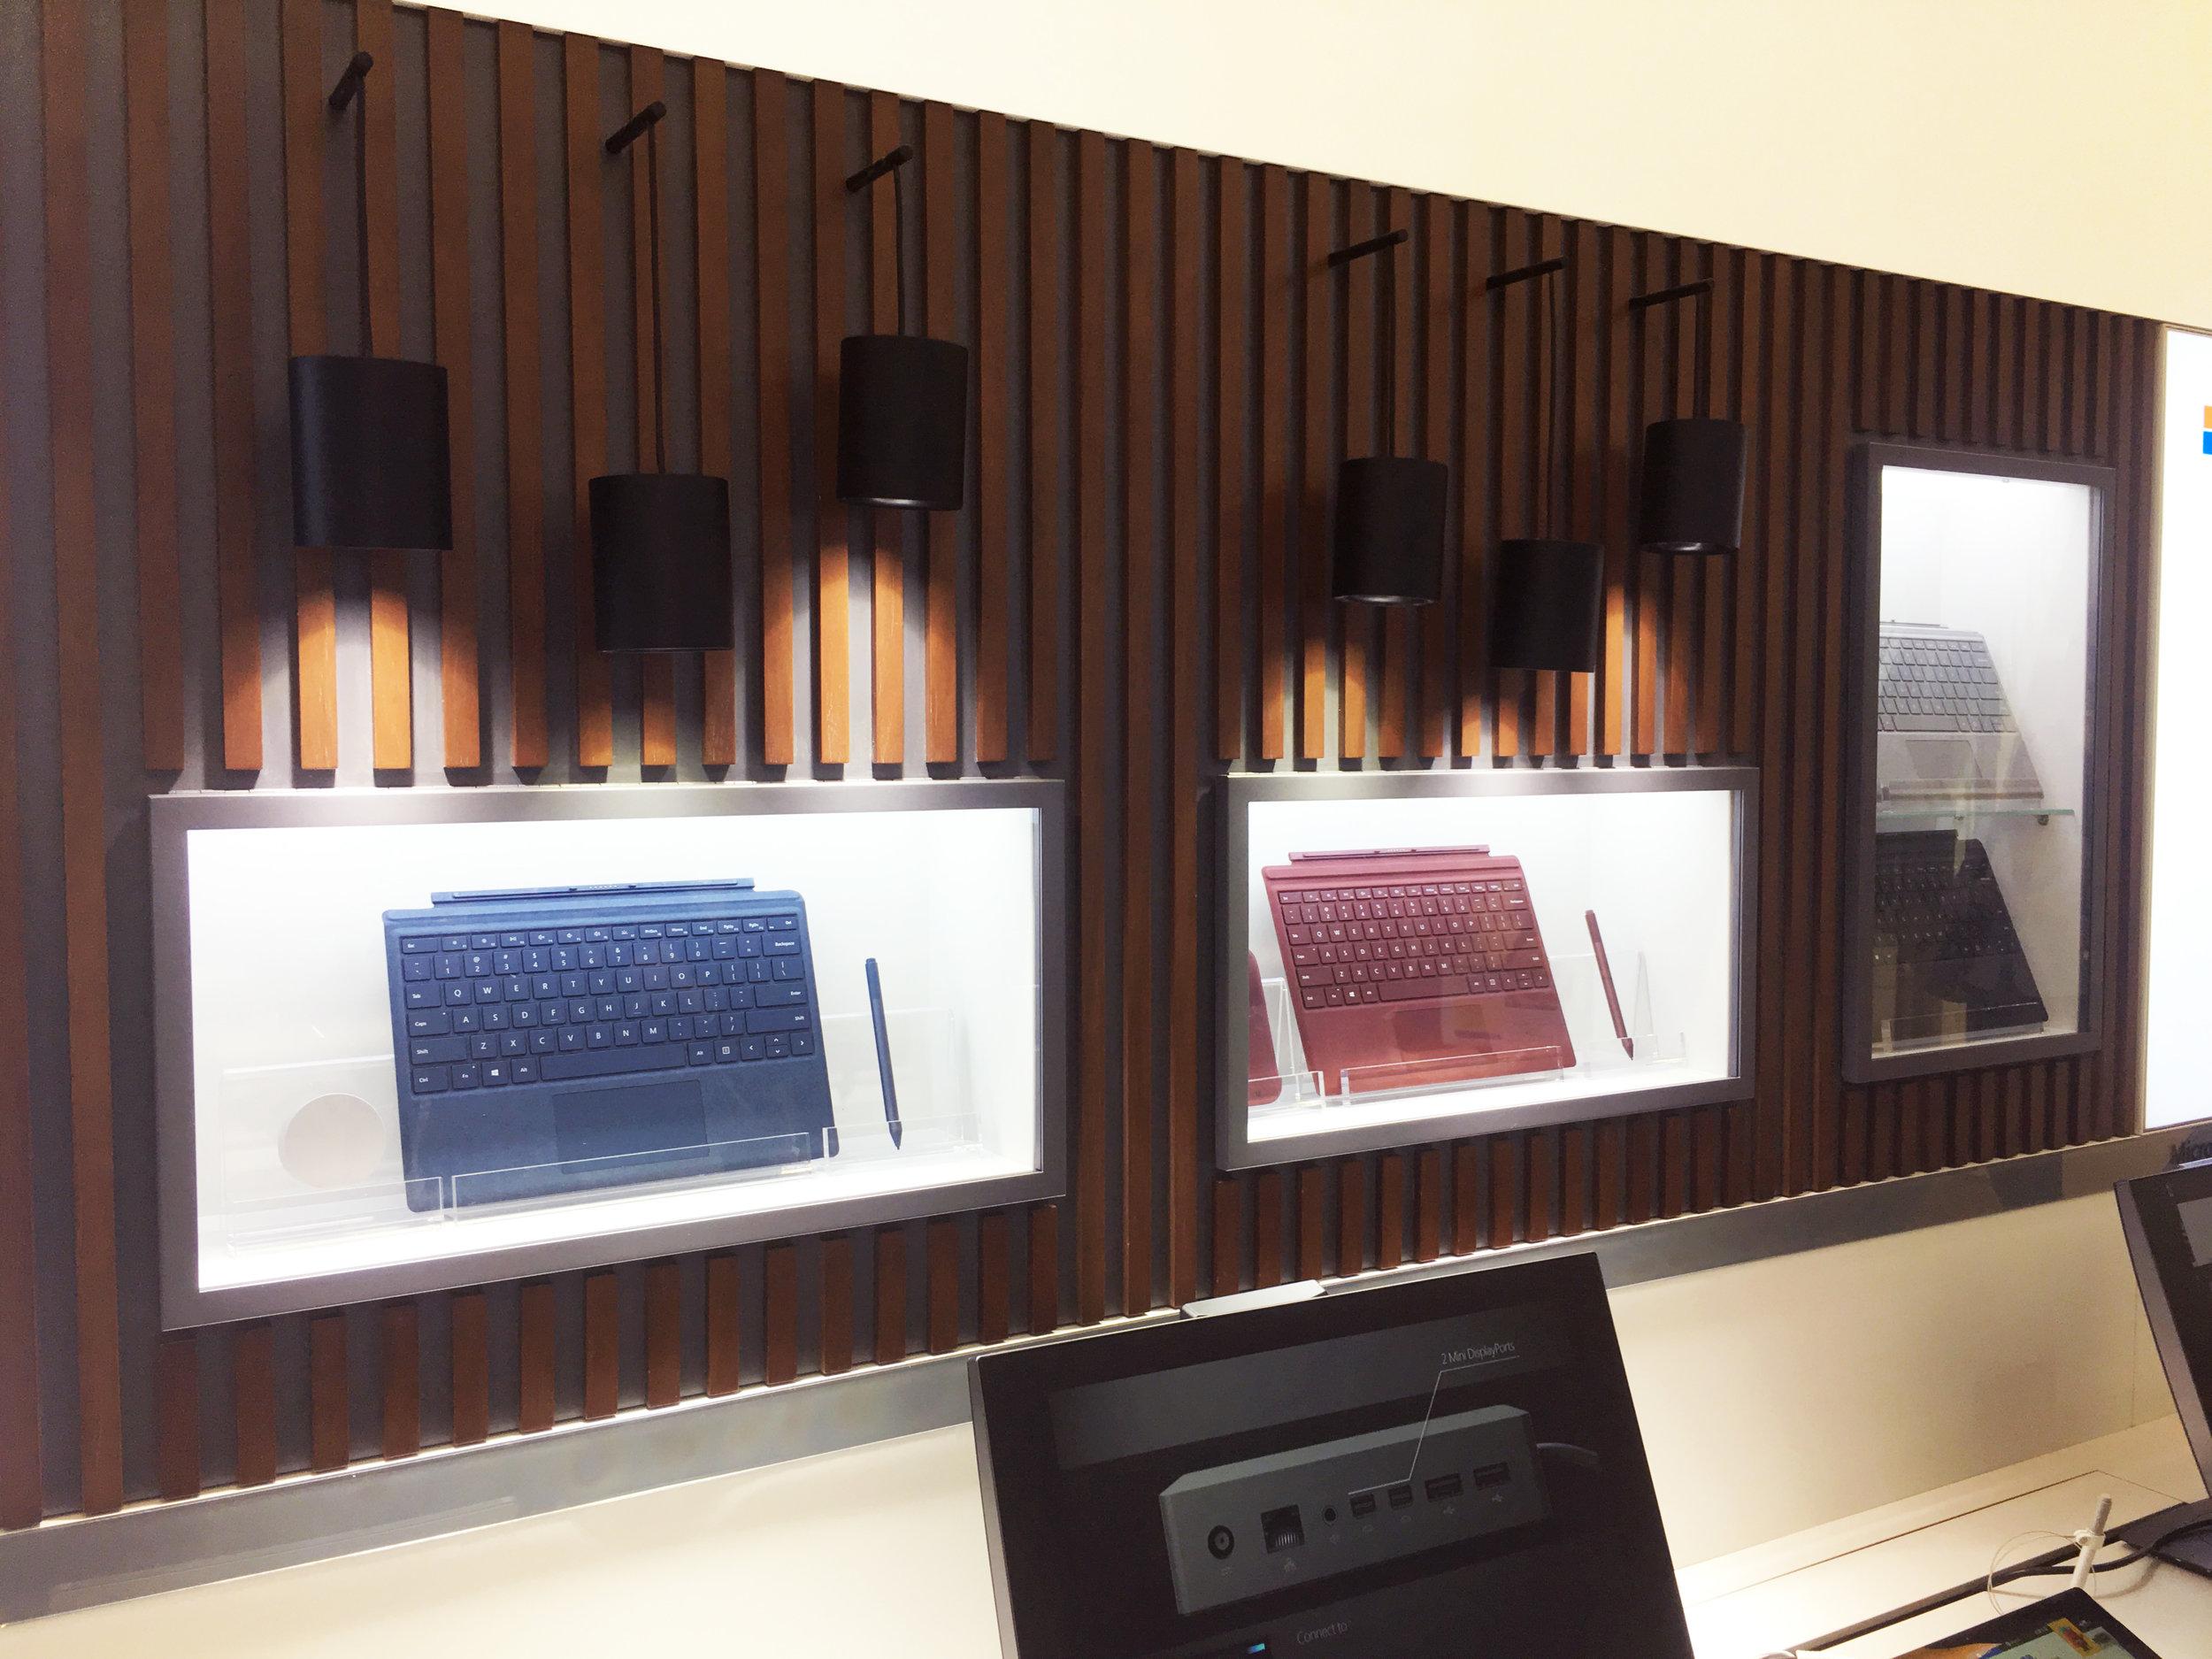 Microsoft AR Store China - Wall Display Detail